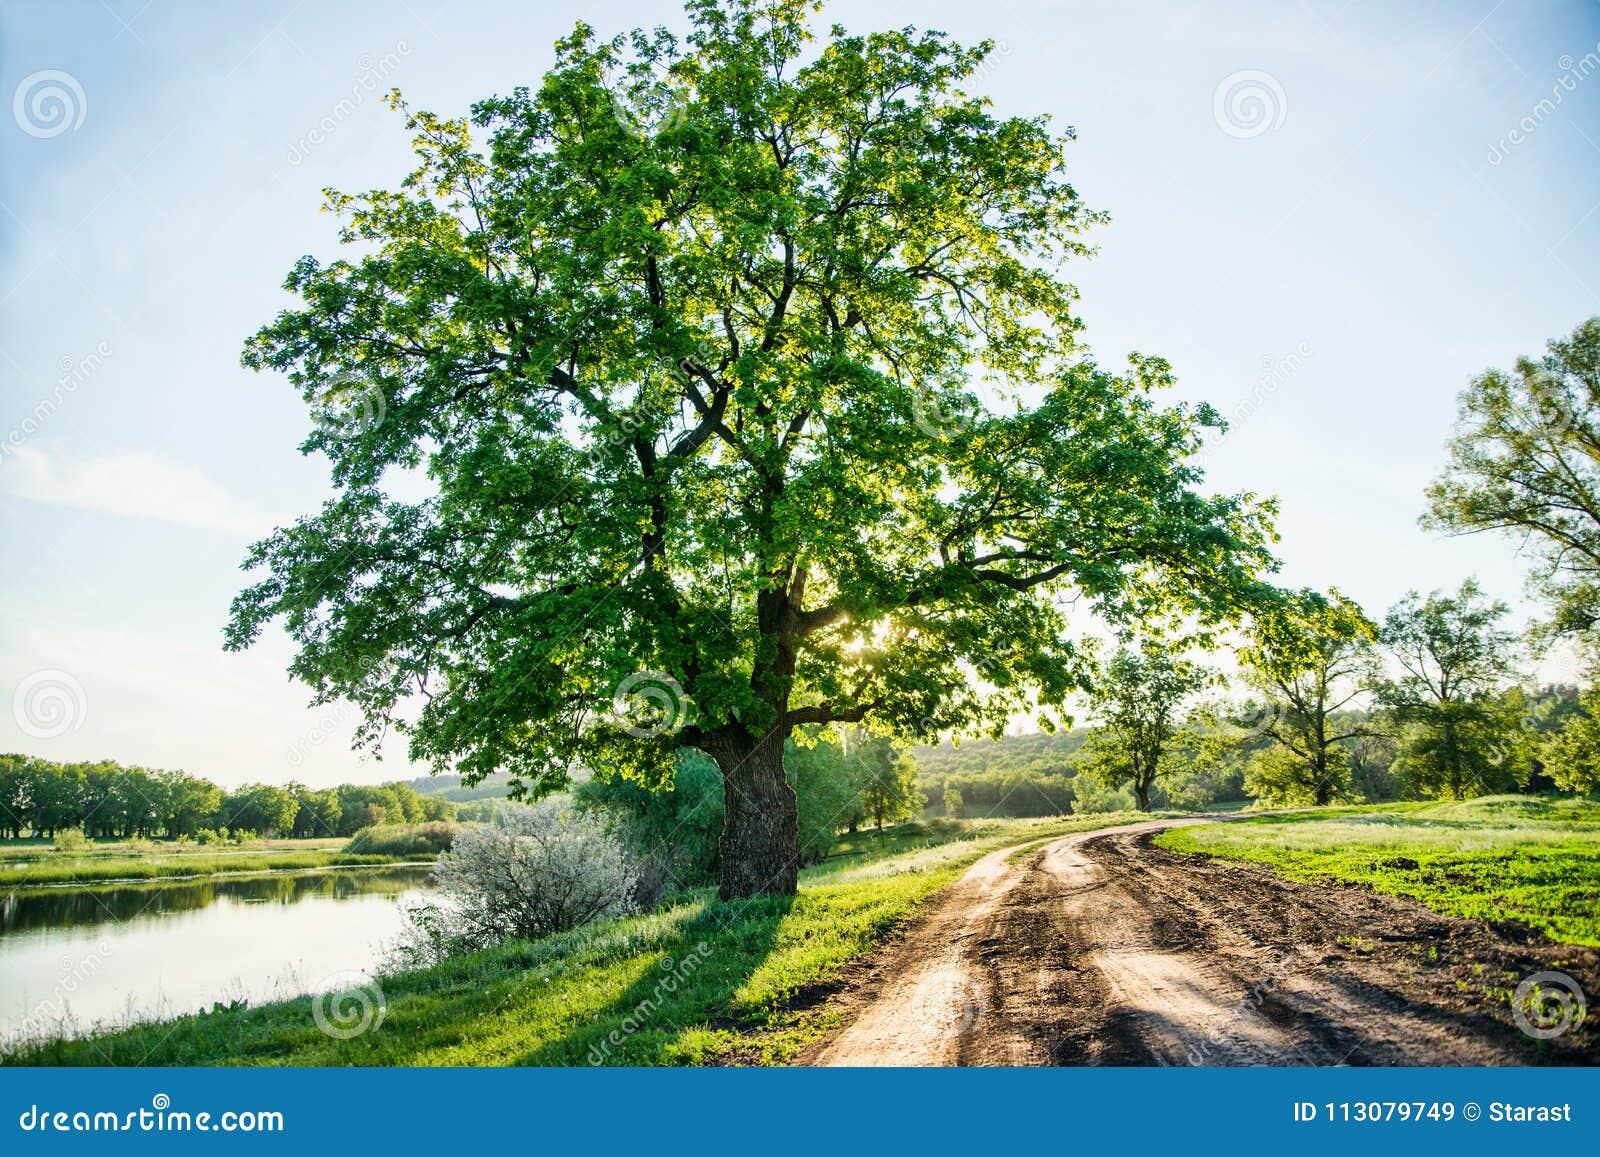 Красивый сельский ландшафт, проселочная дорога и огромное зеленое дерево, большой исконный дуб